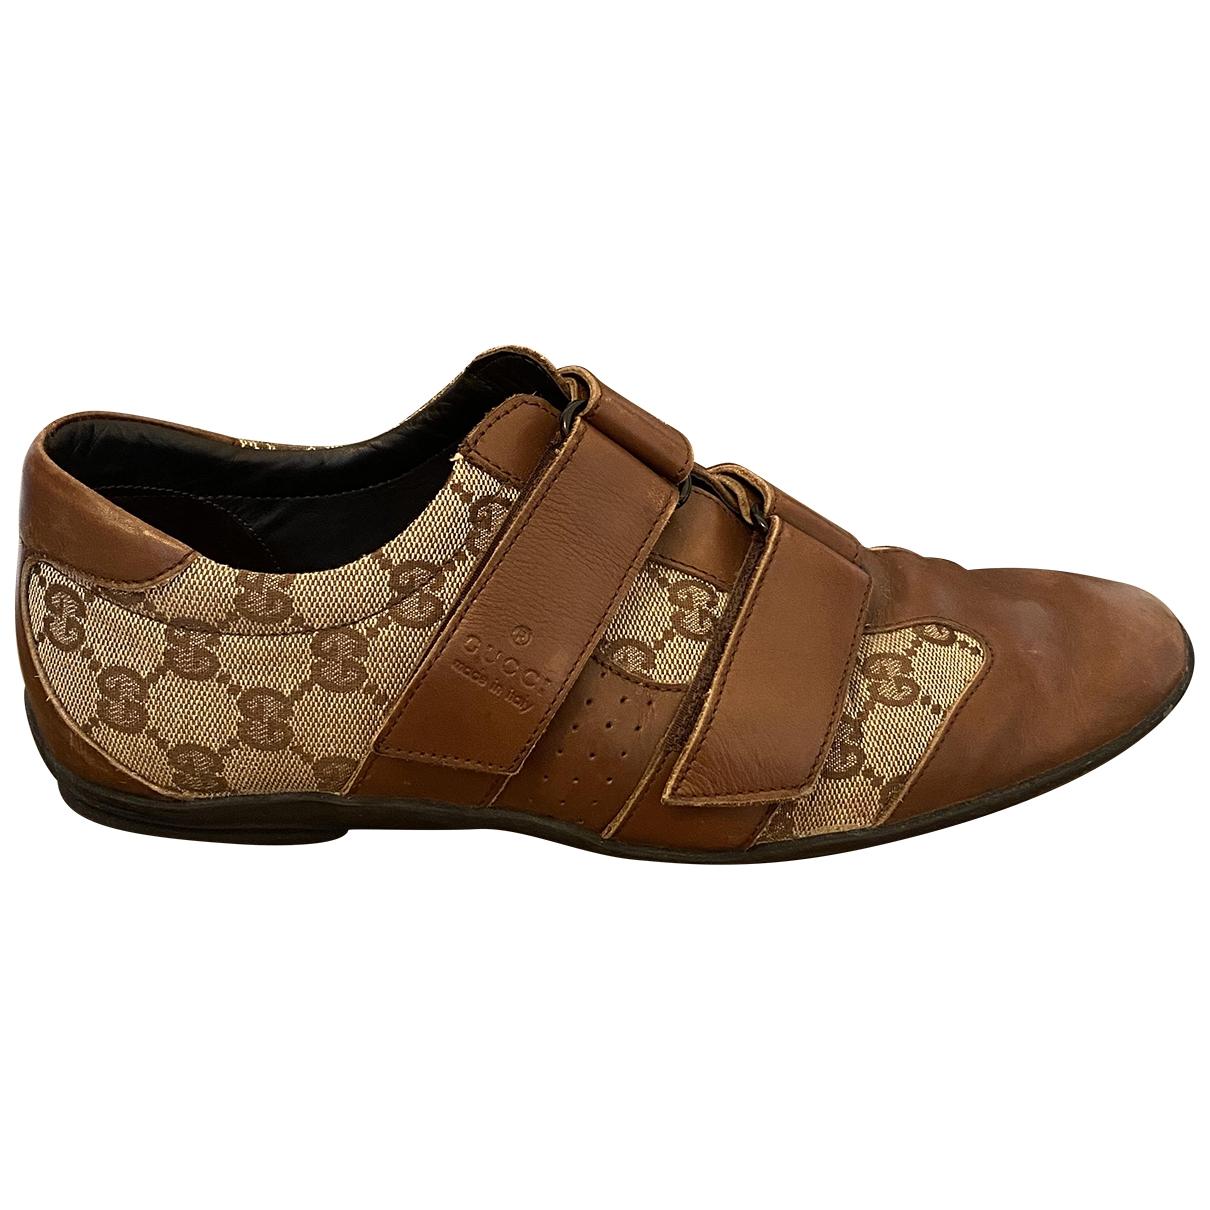 Gucci - Baskets   pour homme en toile - beige